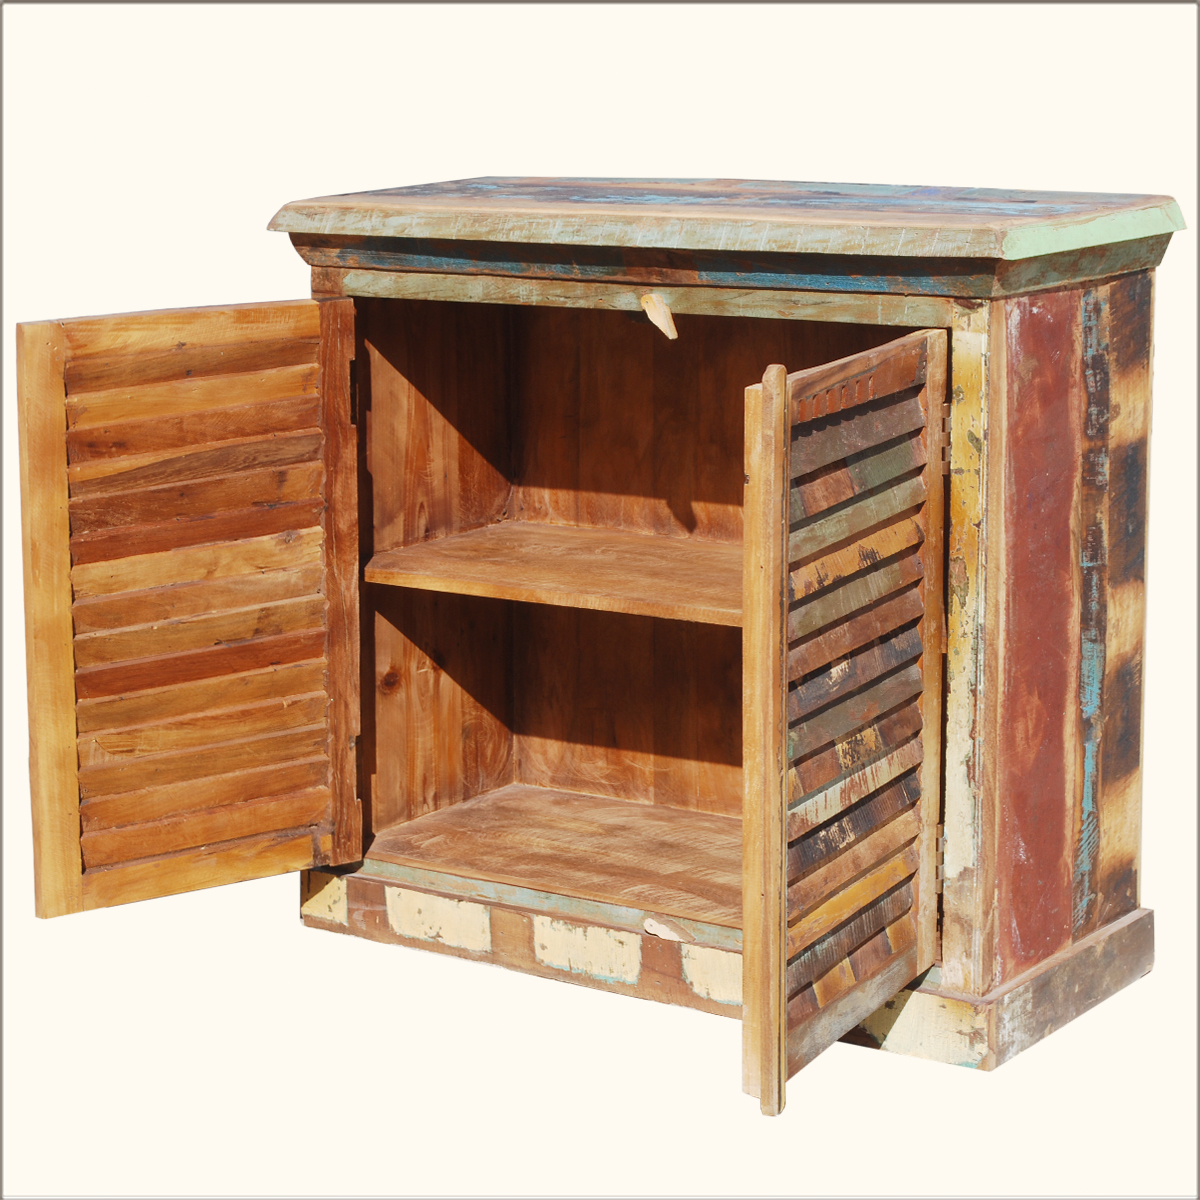 Keukenblokje van sloophout.